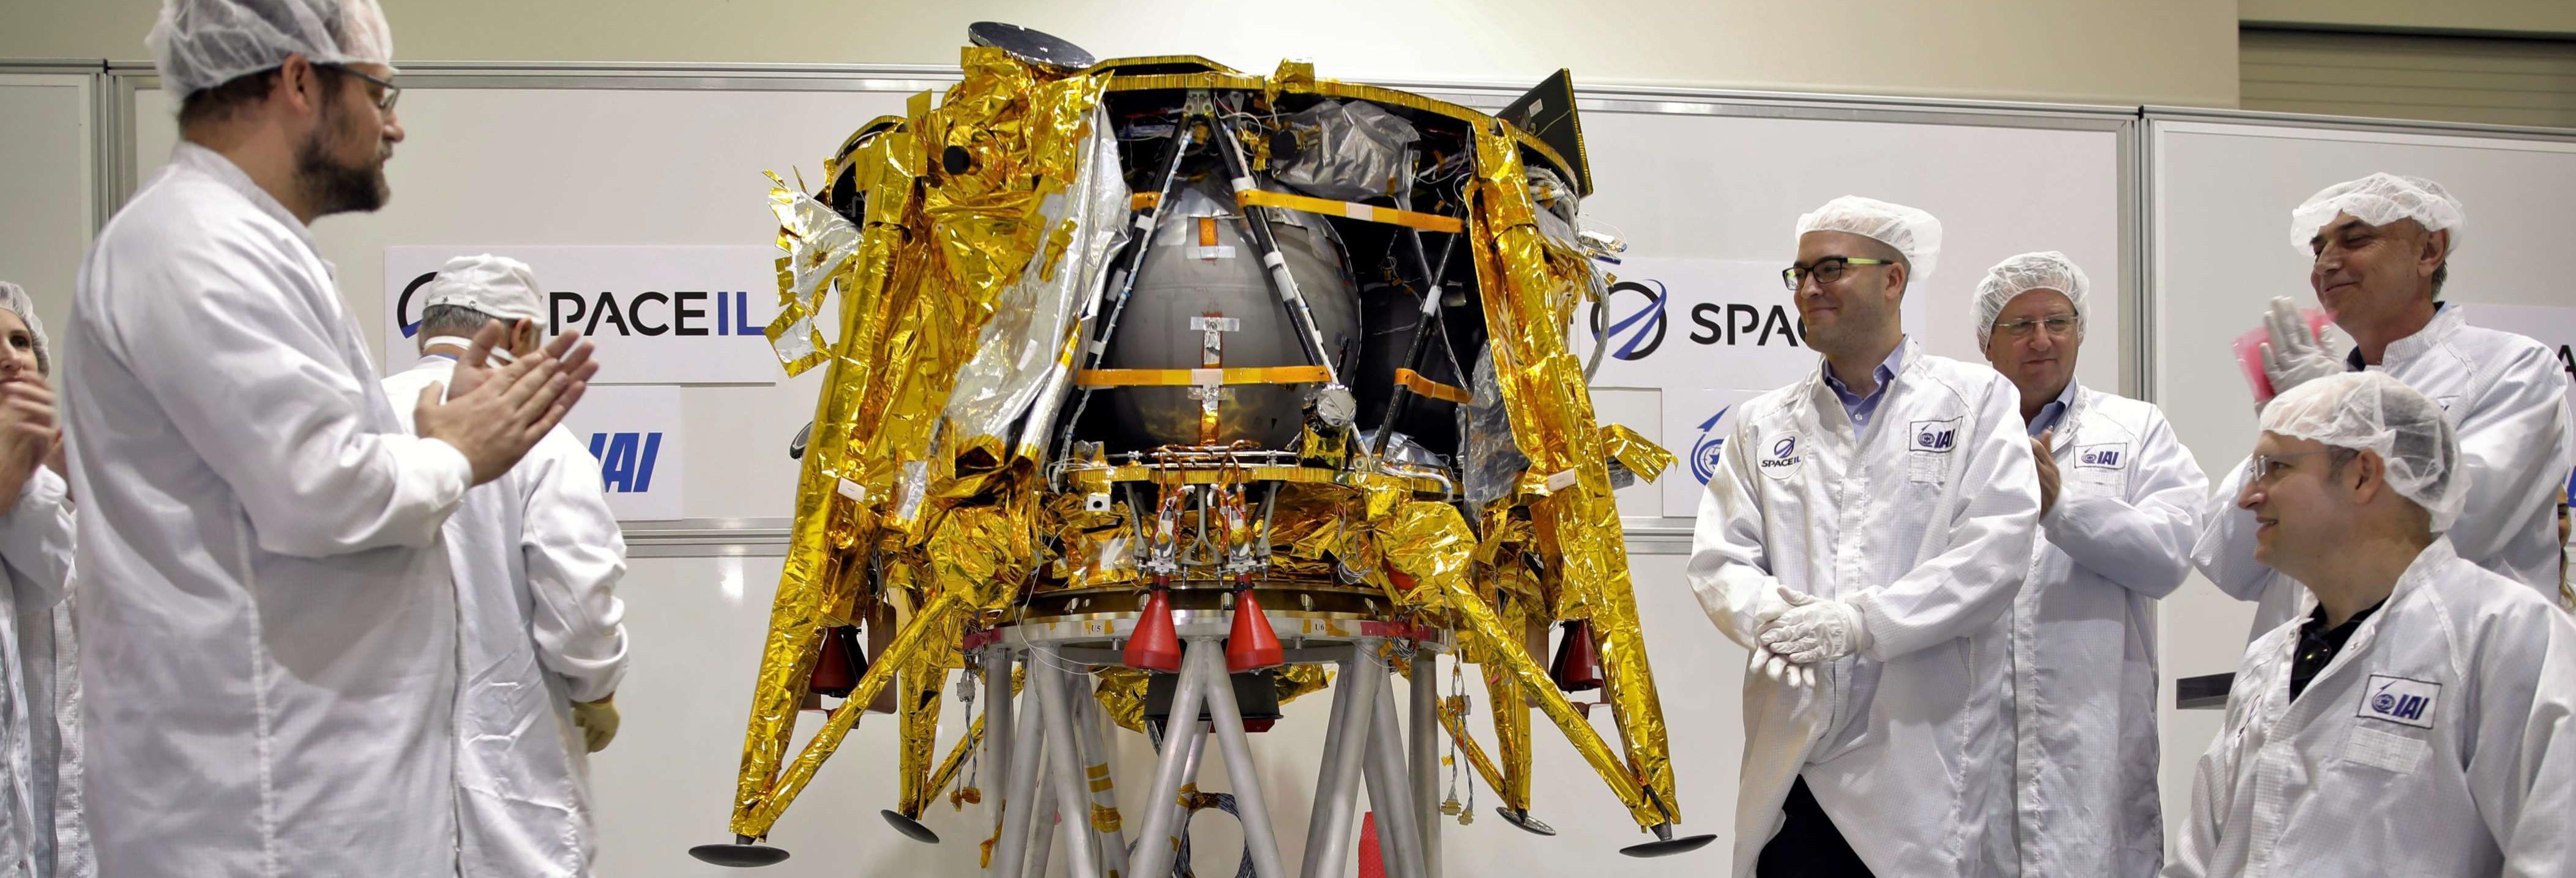 Beresheet Moon lander complete 121718 (SpaceIL) 3(c)